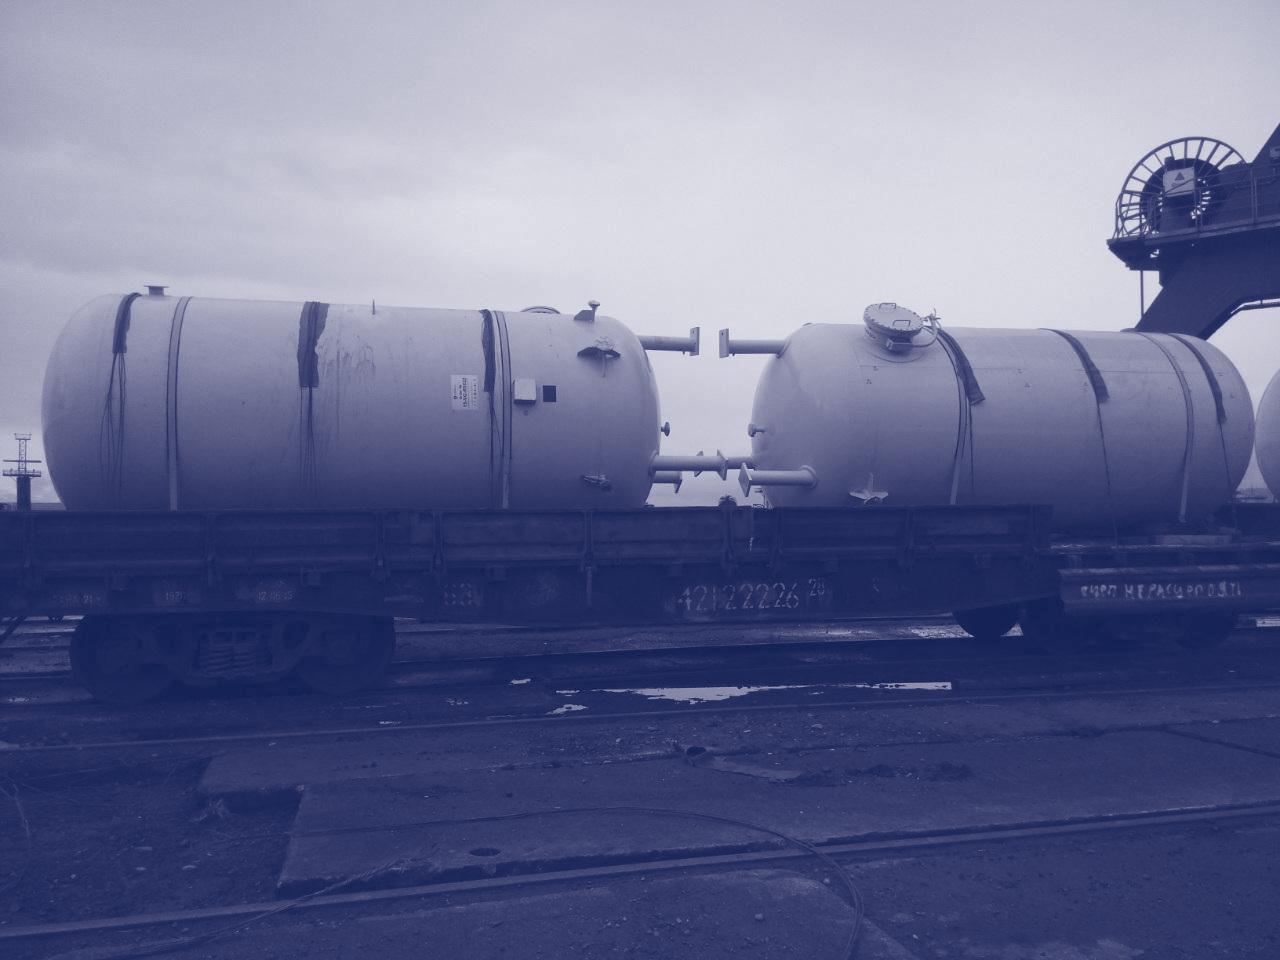 Die Beförderung von Erdöl-und Erdgas-Gewinnung-Anlagen, Erdgas-Verdichter, Flüssiggas-Lagertanks